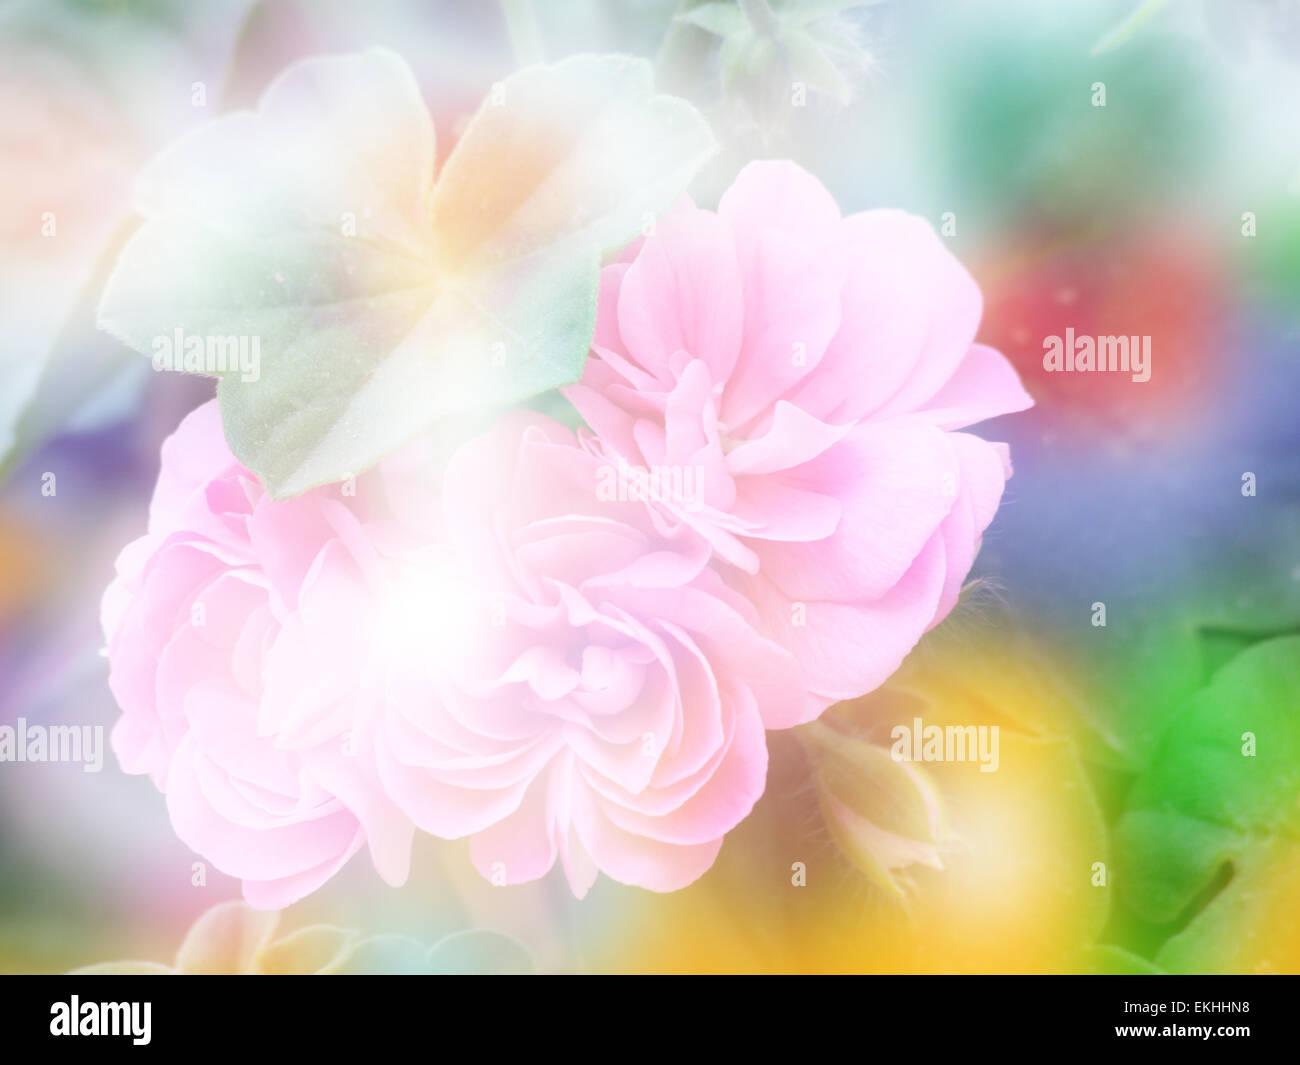 Doble Exposición Geranio Flor con fondo bokeh Foto de stock